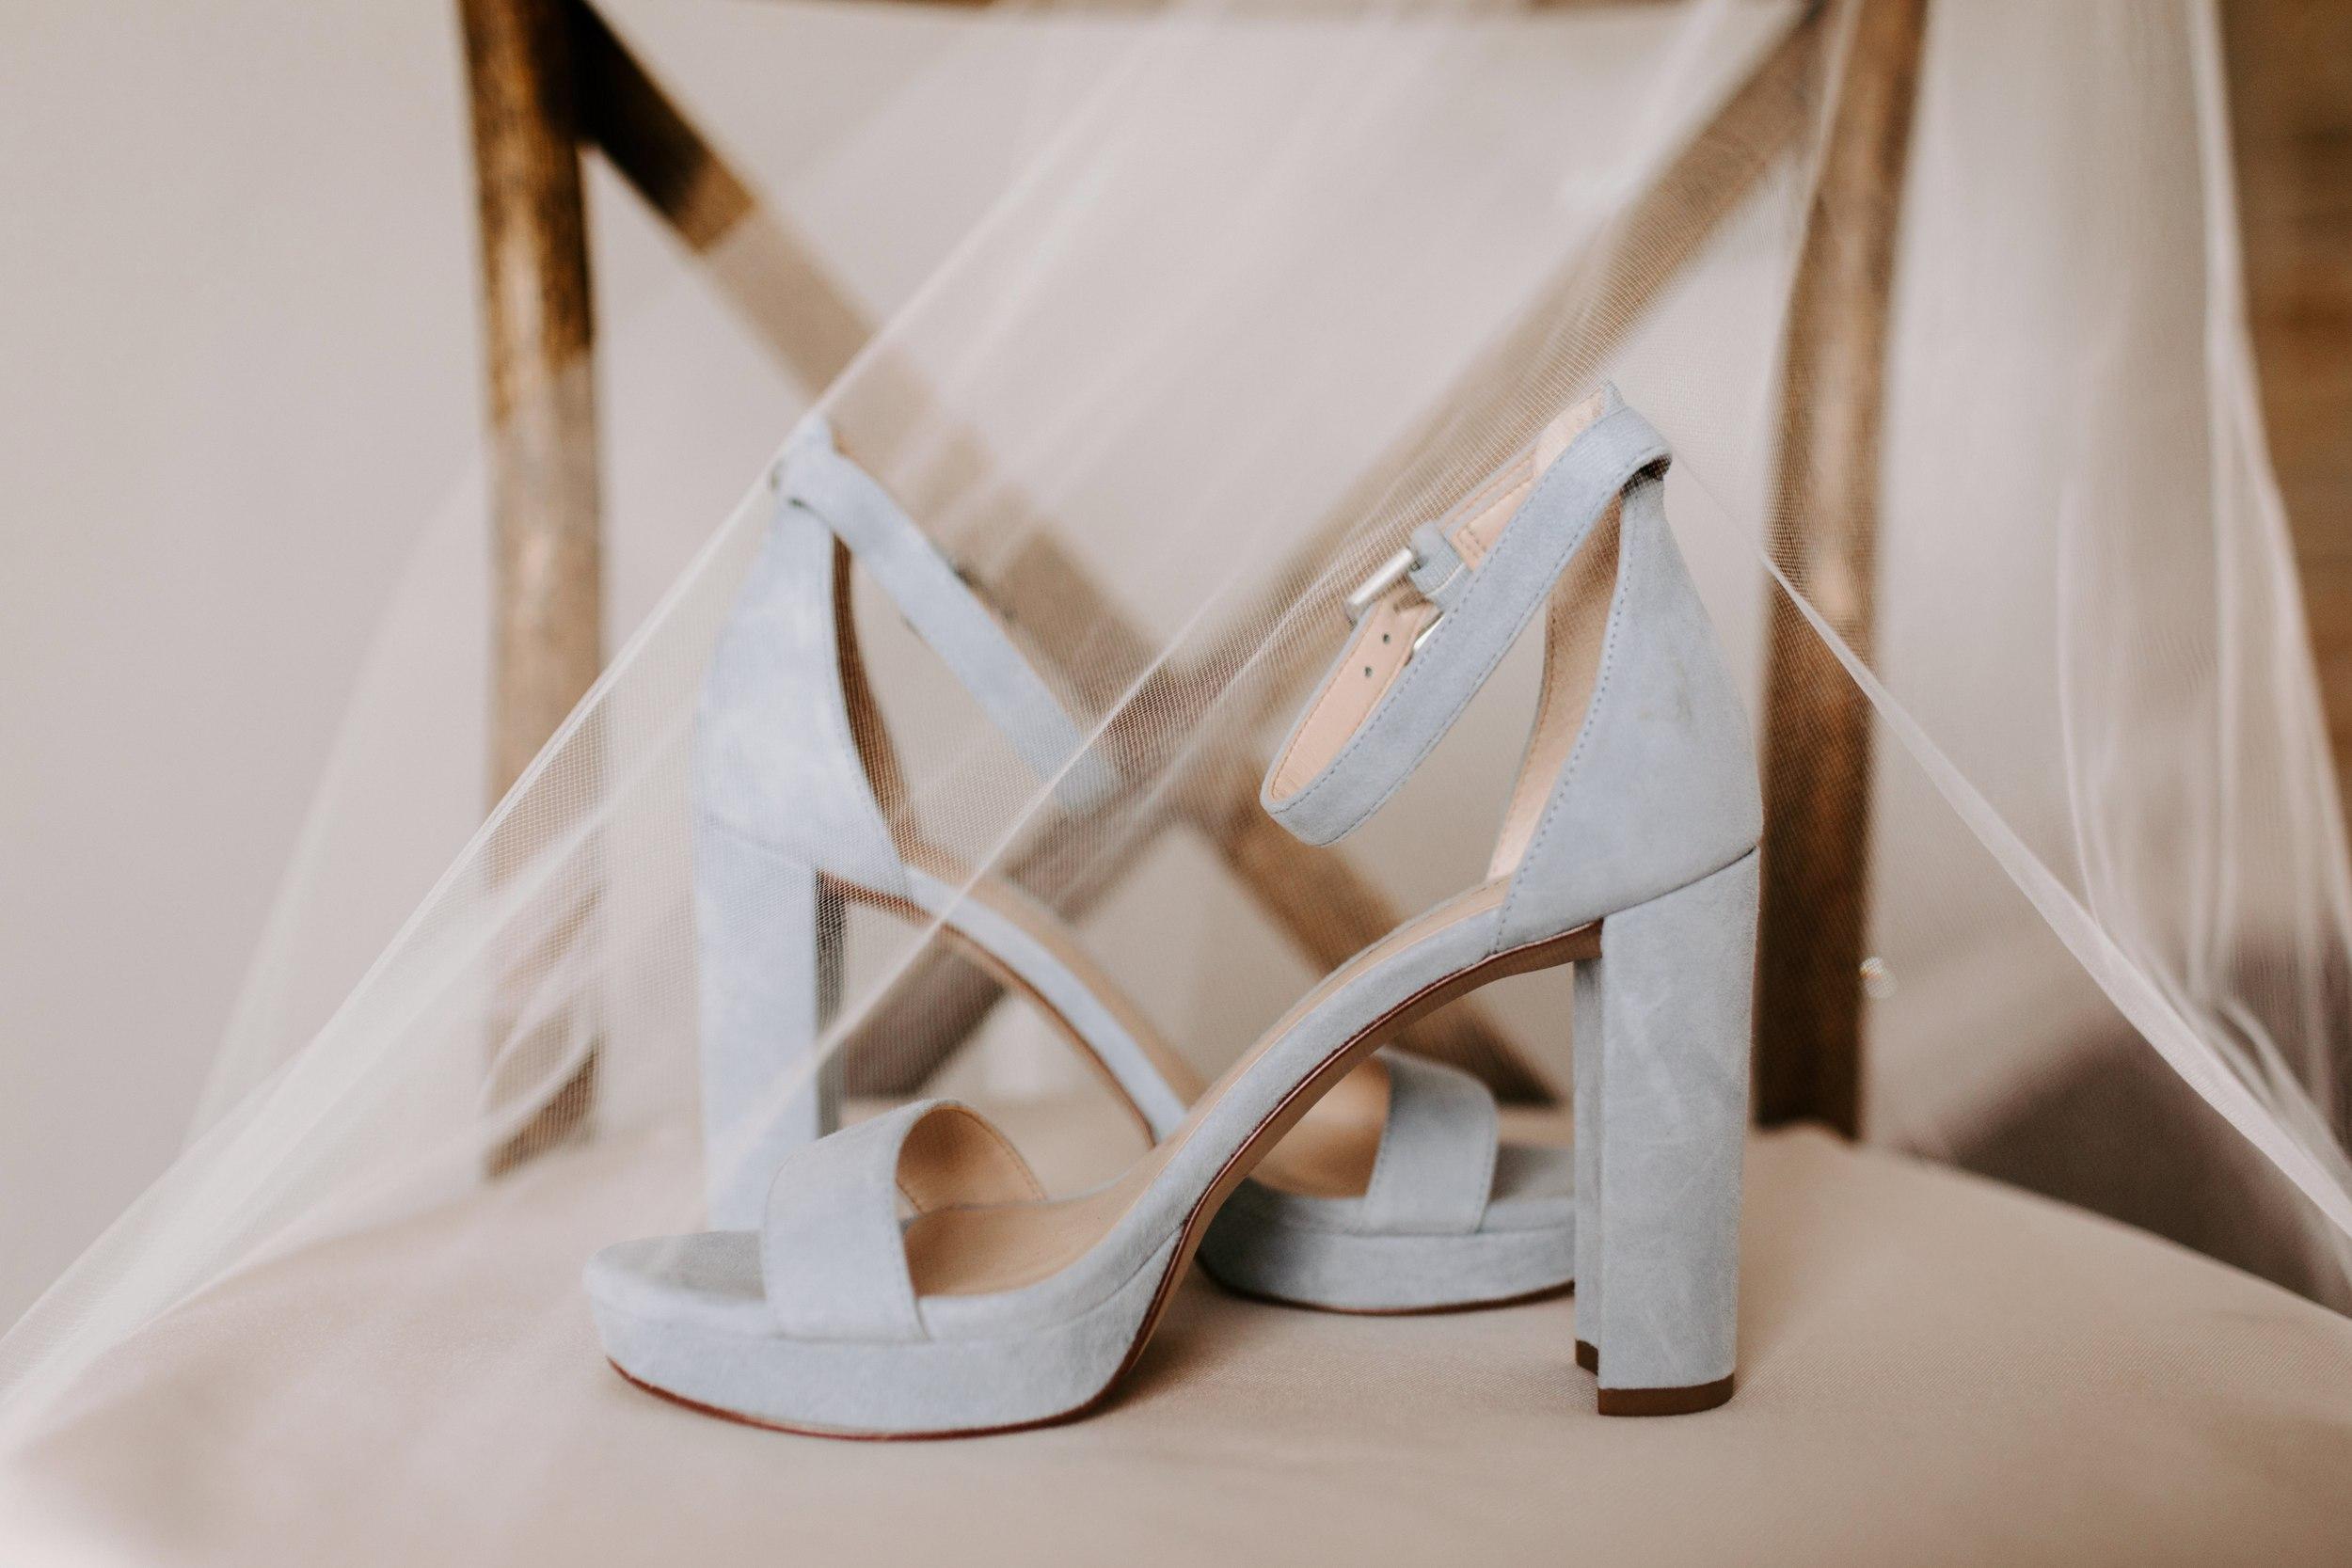 1-MADDY + PATRICK WEDDING_HALEY RYNN RINGO_rent my dust_details_ (3).jpg